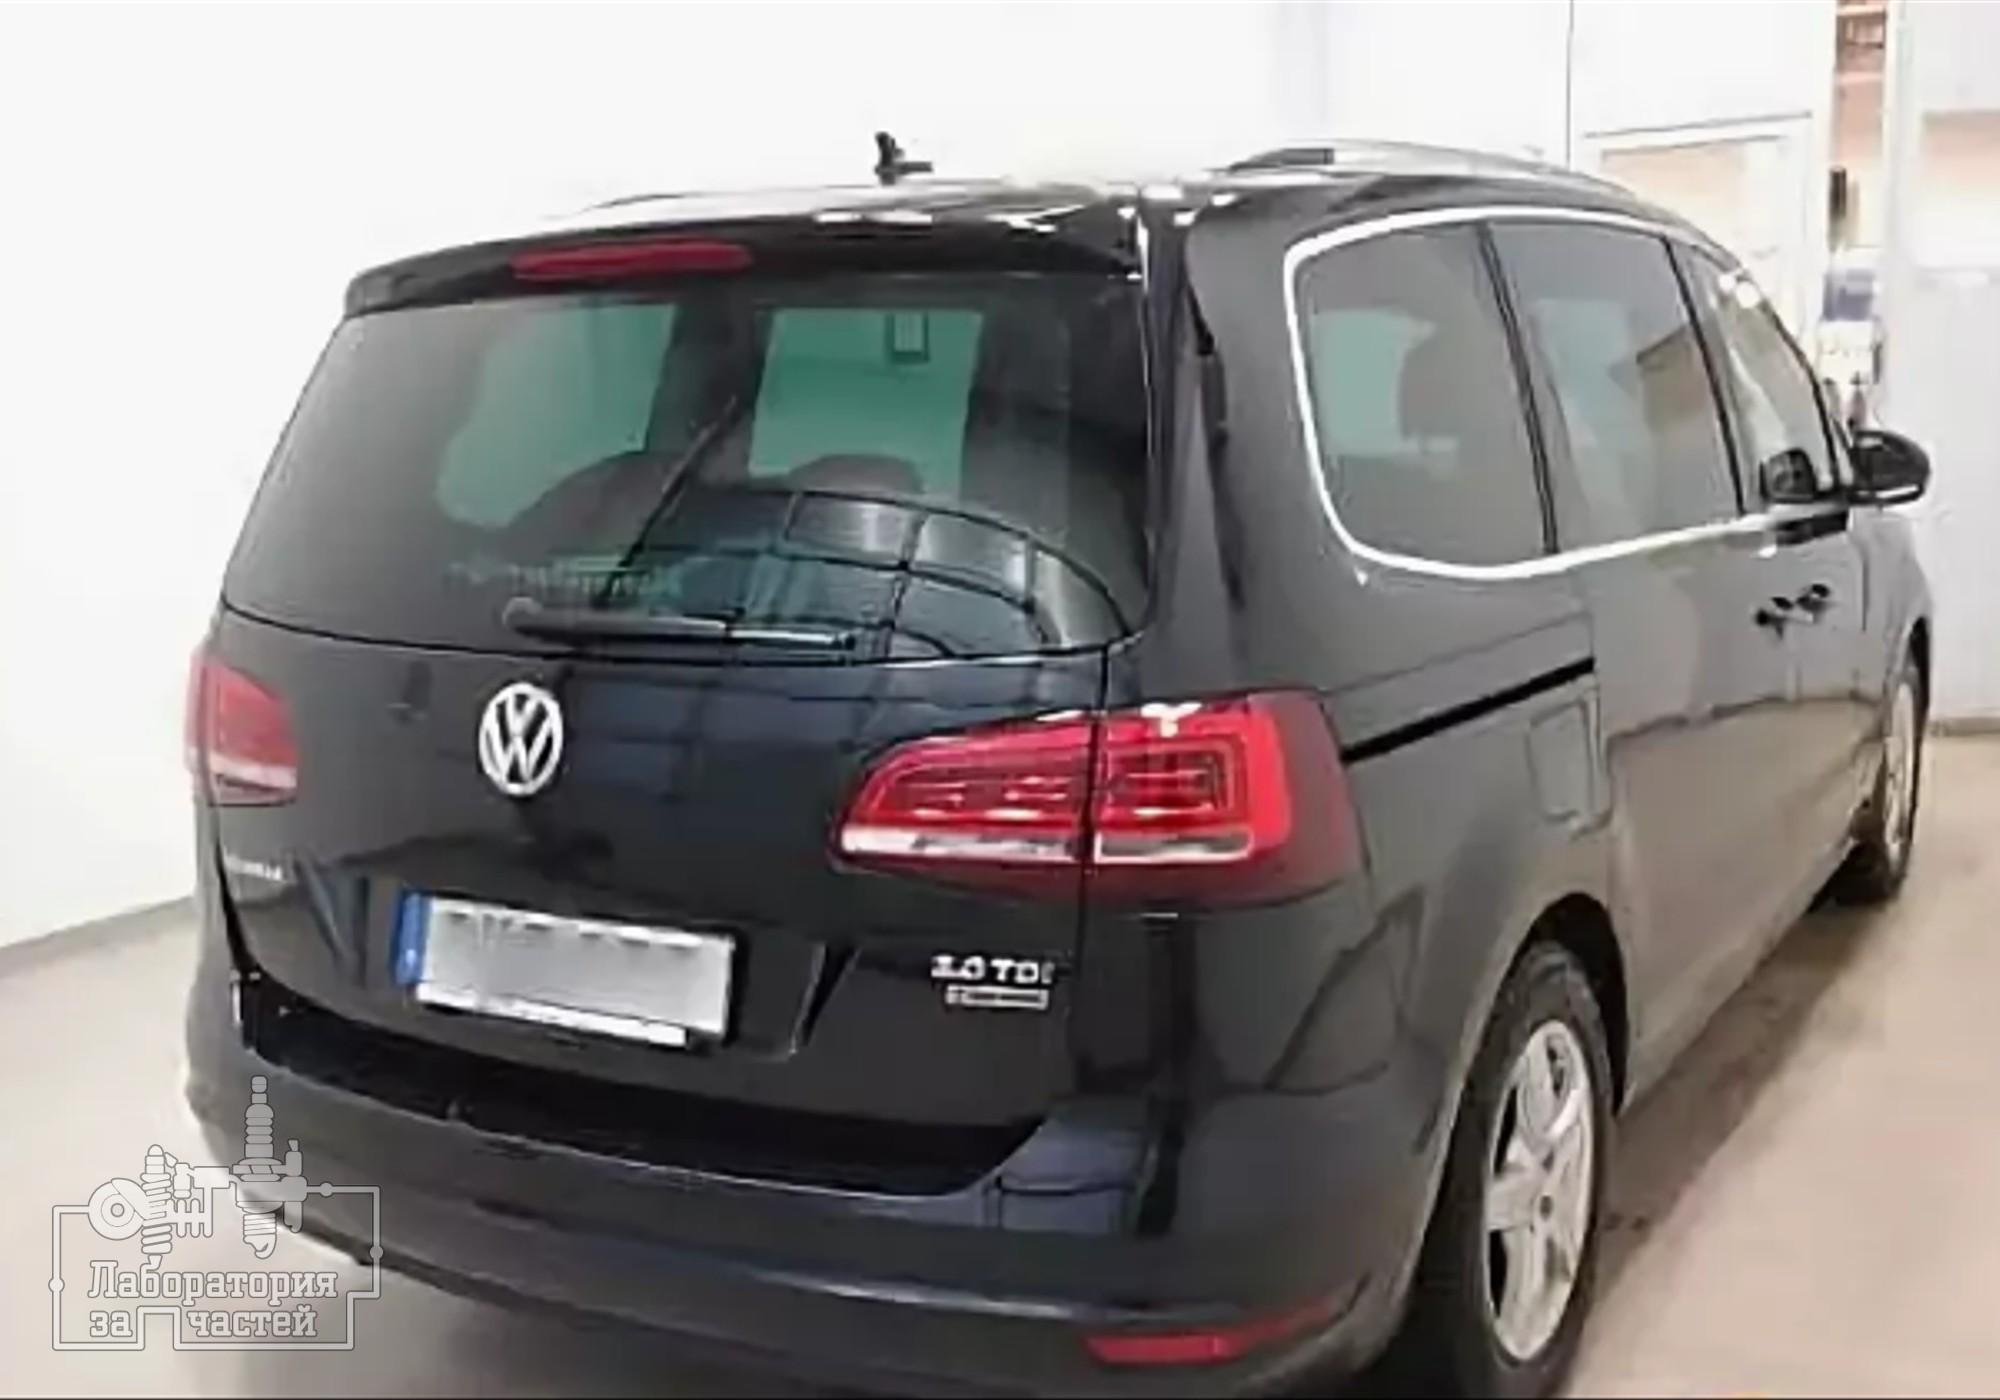 Volkswagen Sharan II 2015 г. в разборе